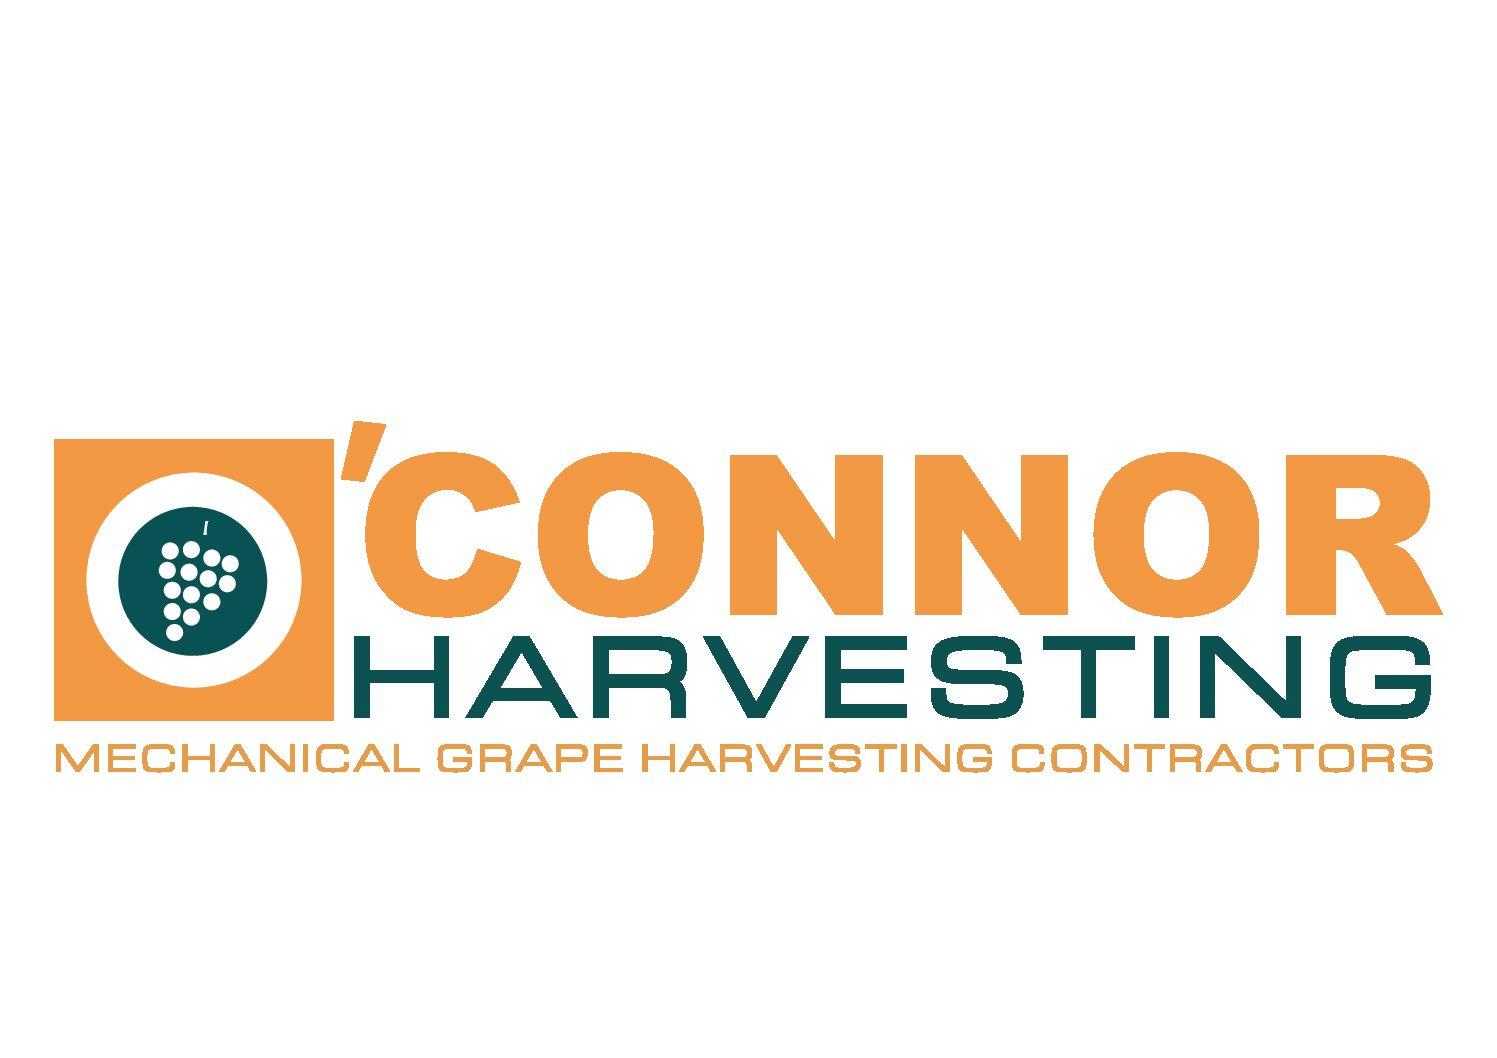 O'Connor harvesting Logo Feb 2015 copy